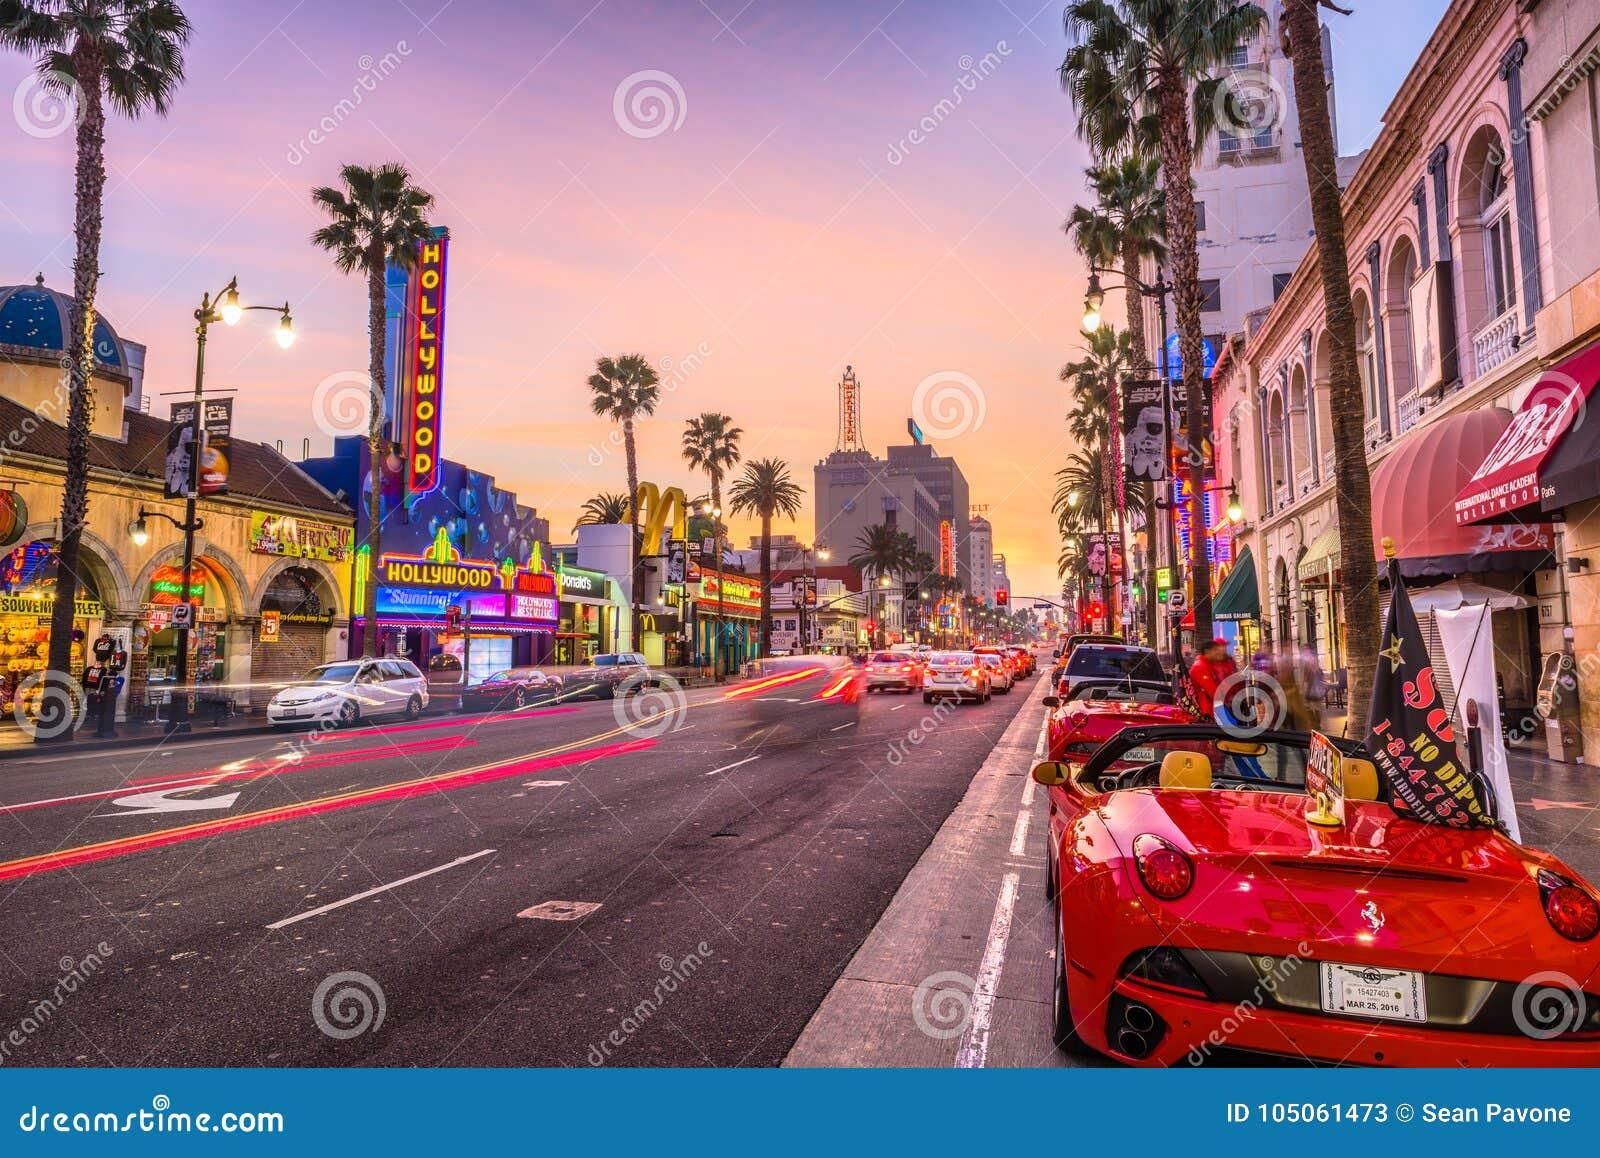 好莱坞大道加利福尼亚